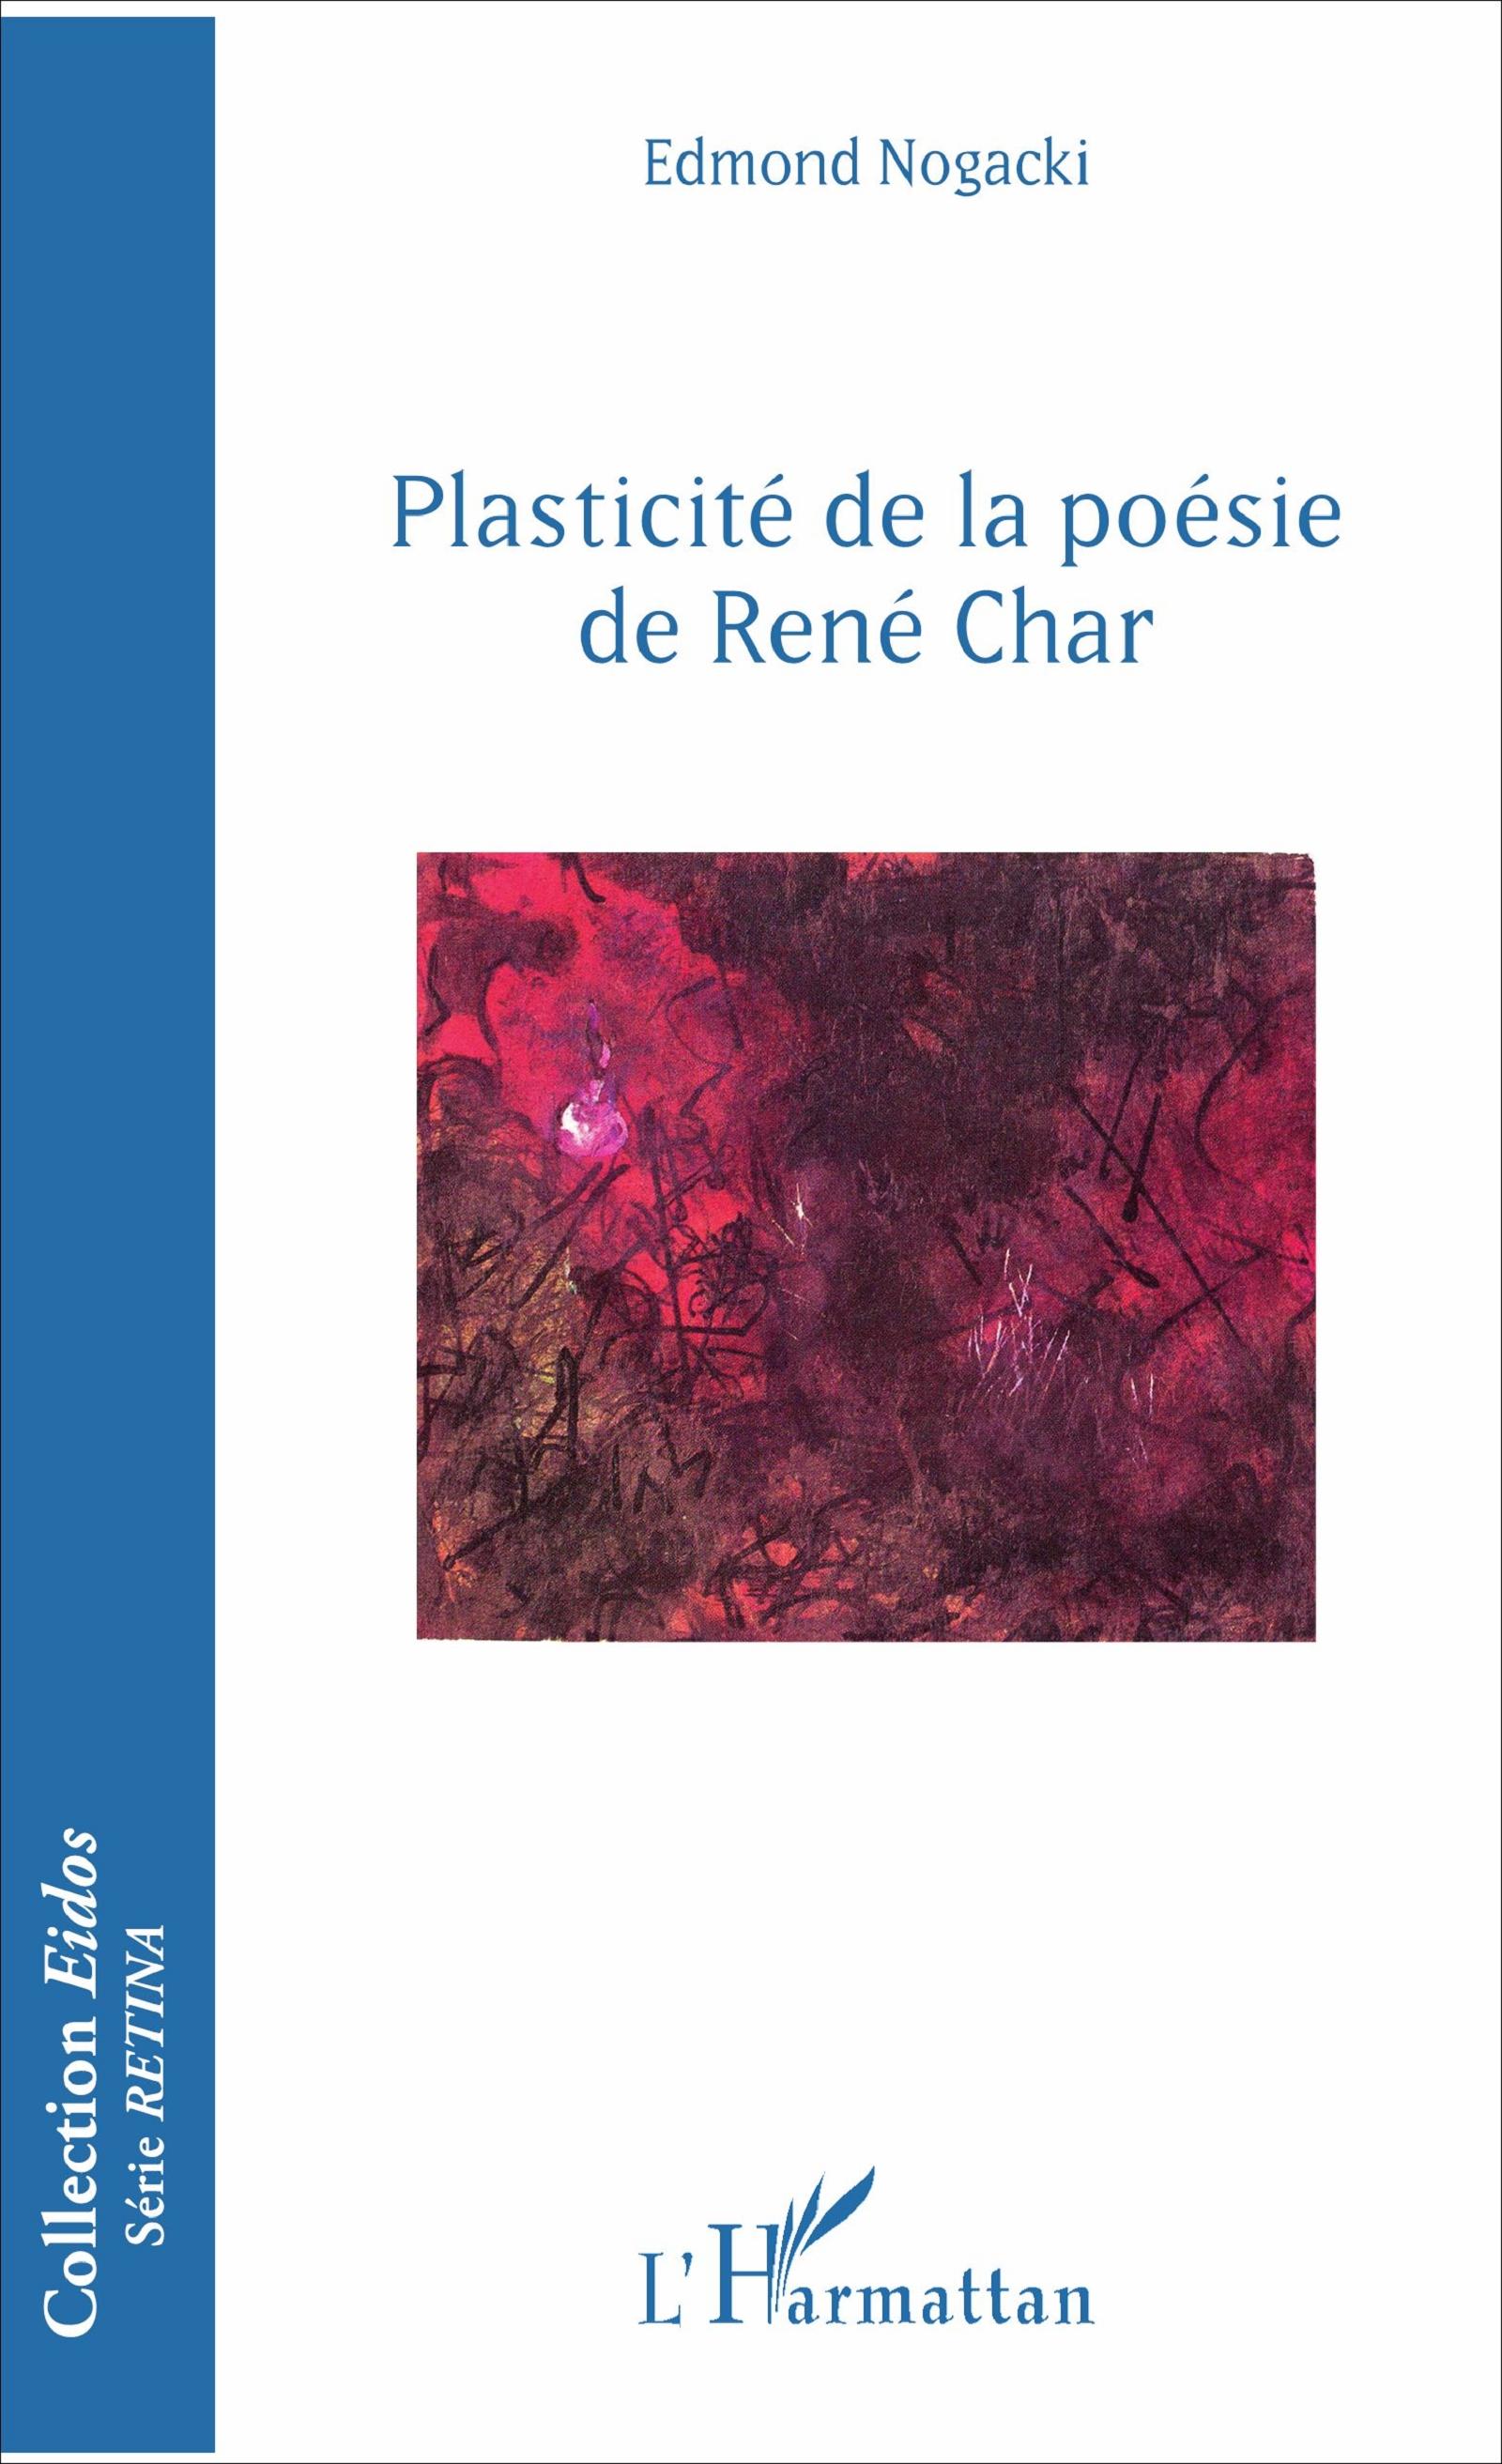 E. Nogacki, Plasticité de la poésie de René Char